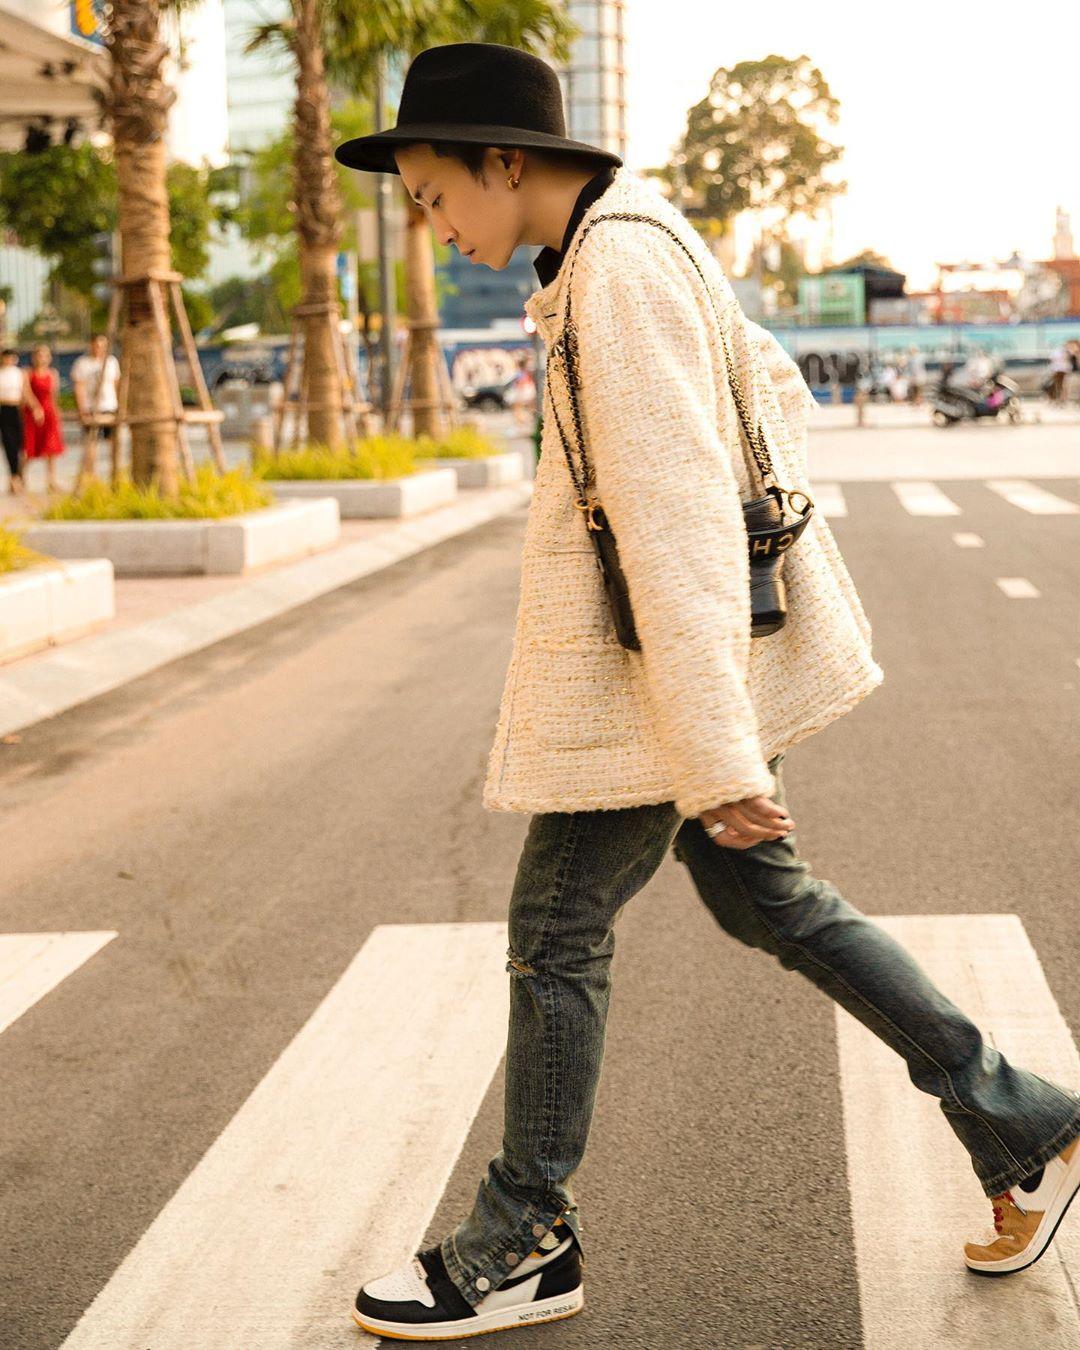 karik đi qua đường